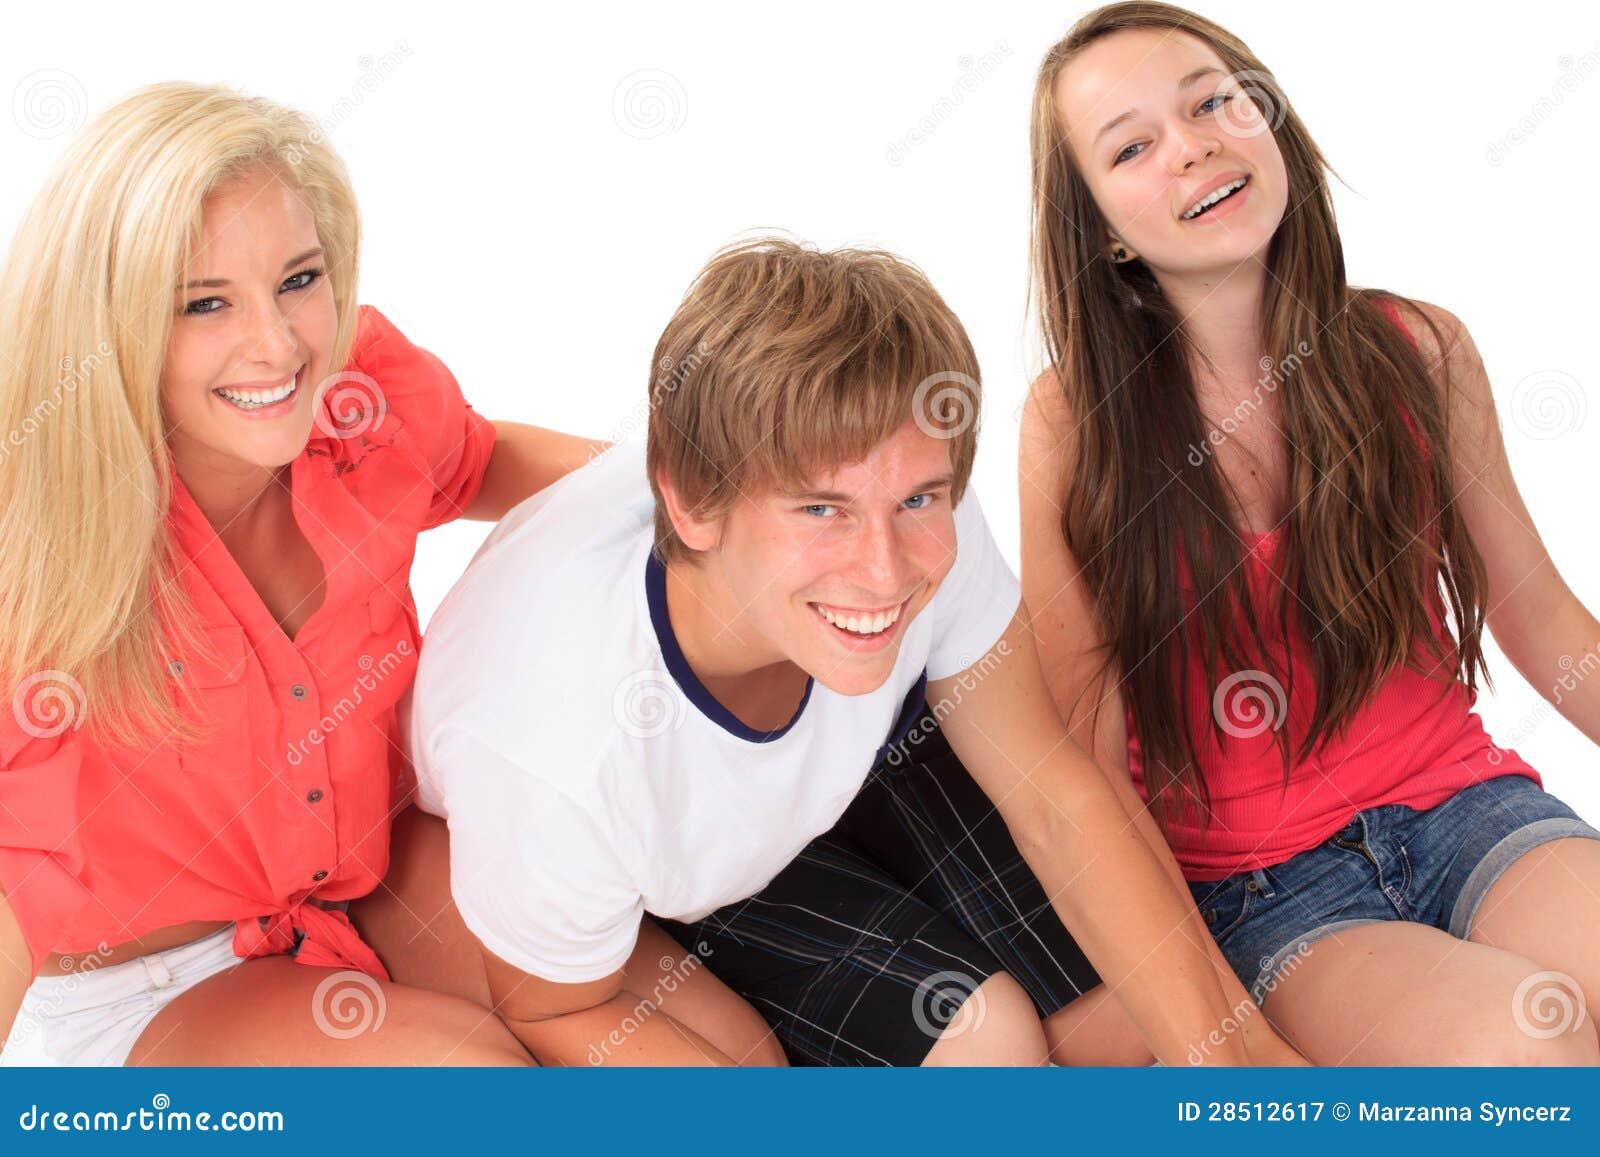 Смотреть секс брат и сестра онлайн, Инцест брат и сестра - смотреть лучшее порно. Ебалка 28 фотография